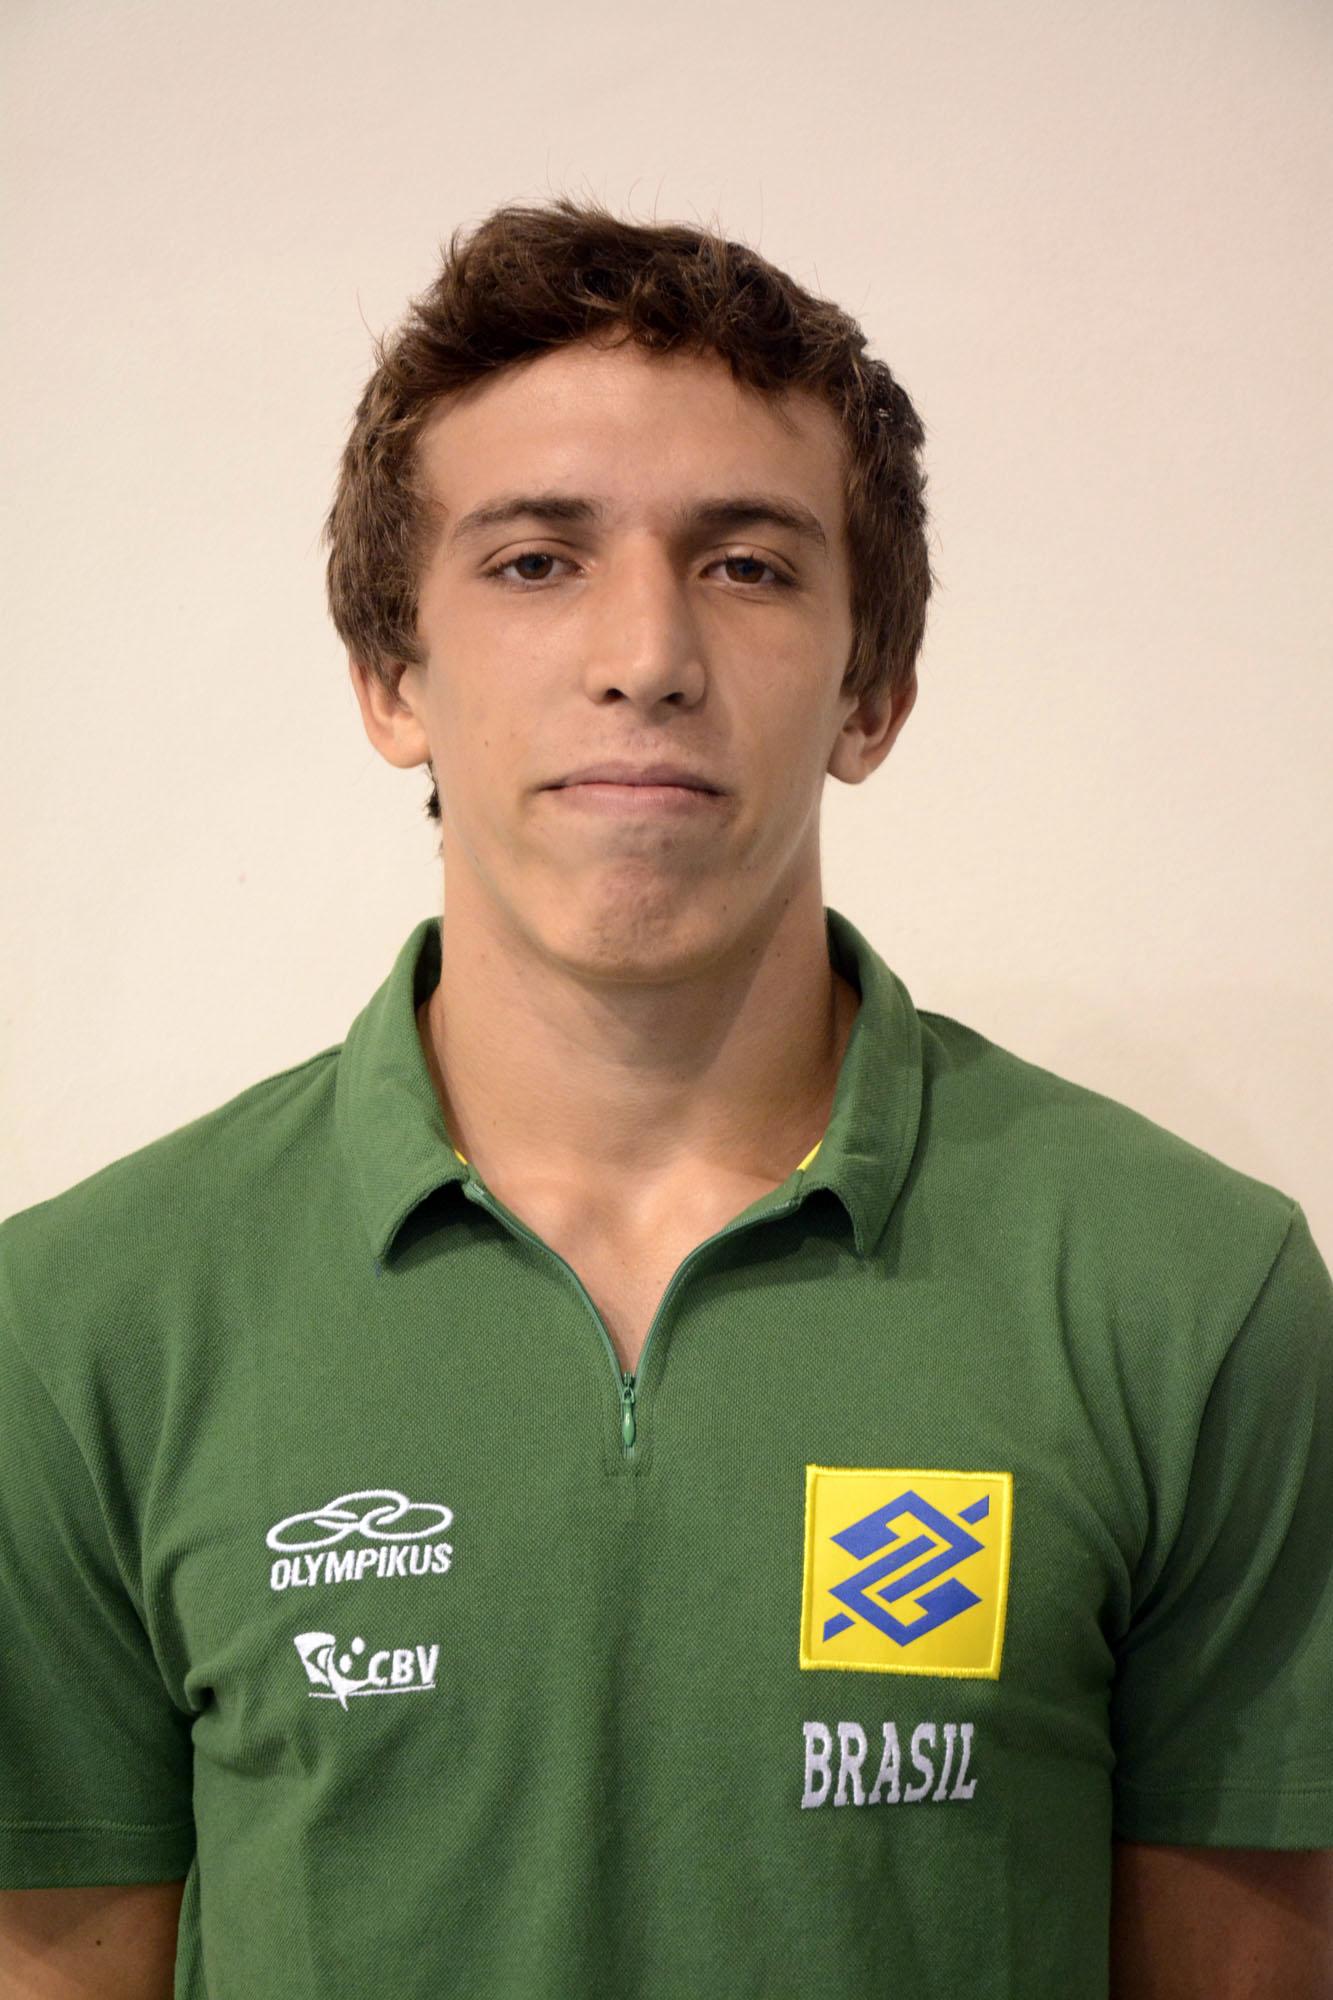 Vitor Baesso